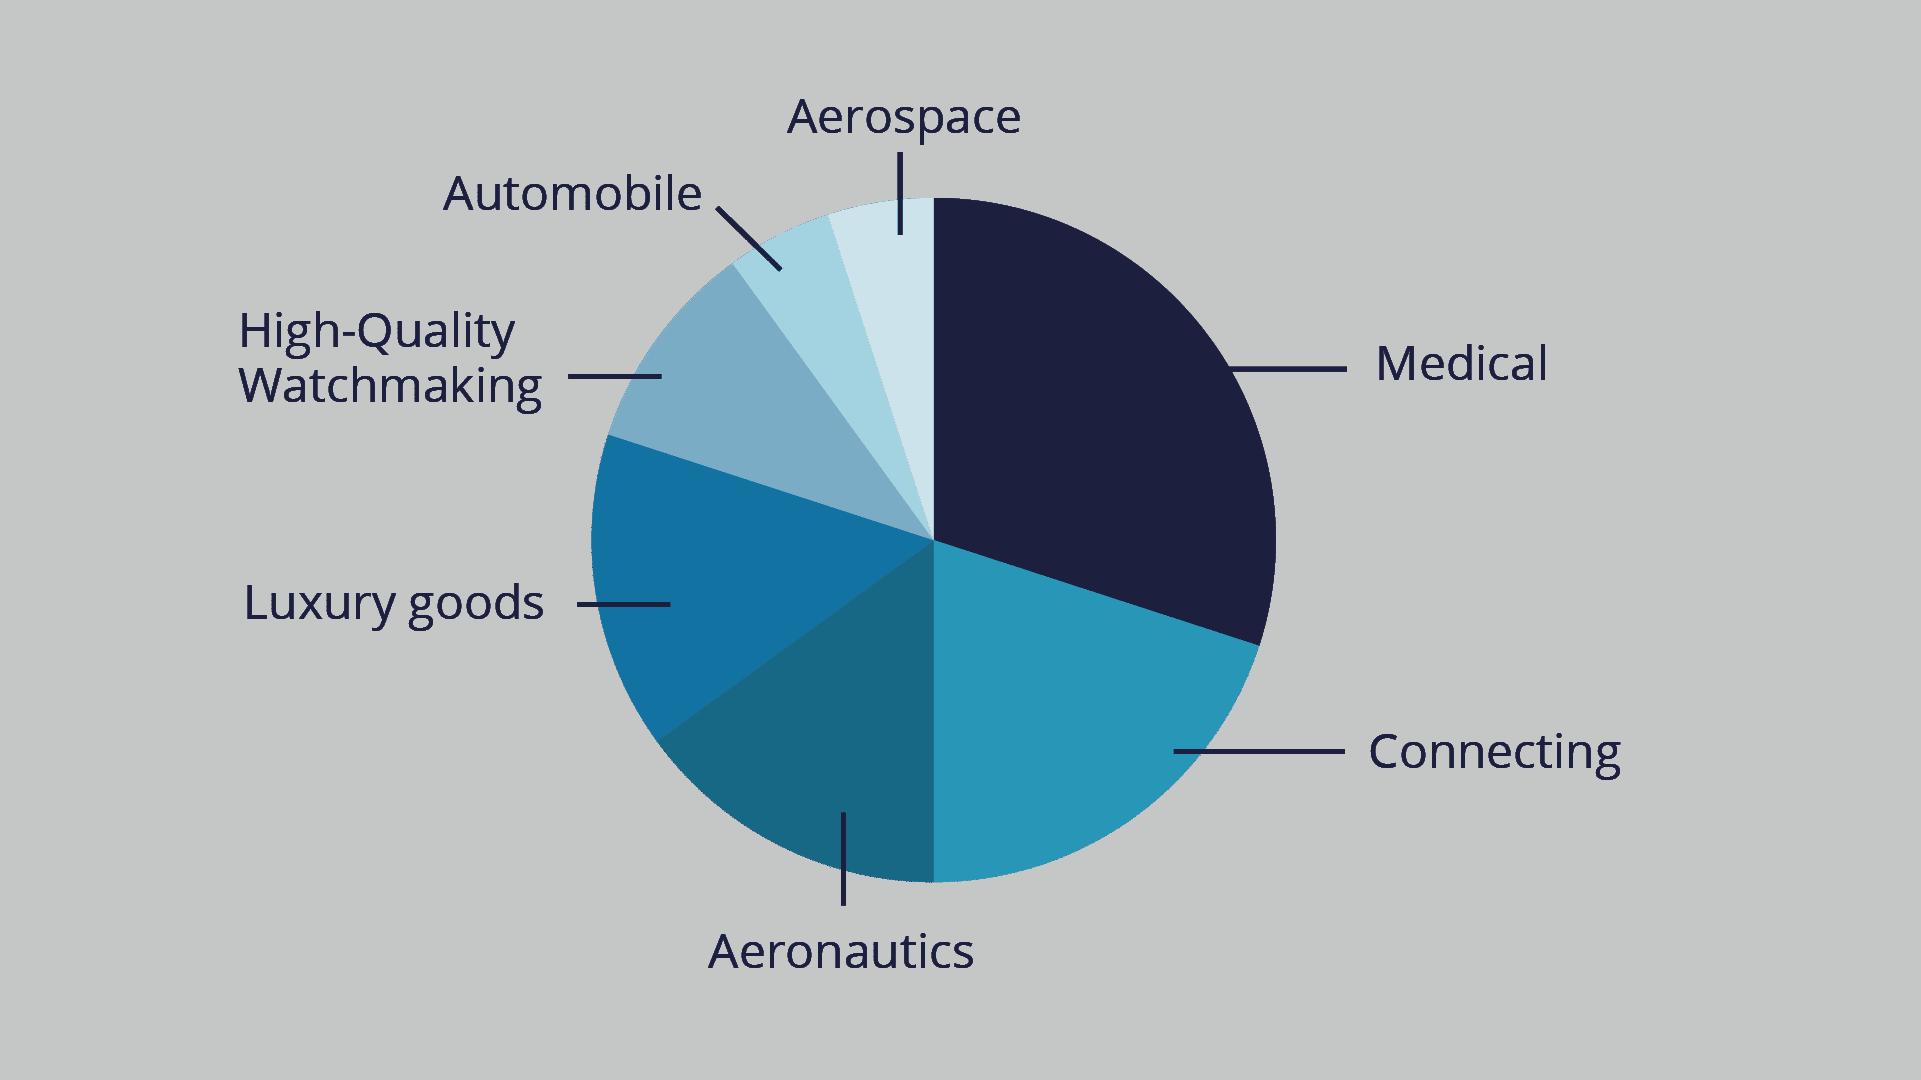 Sectors of activity